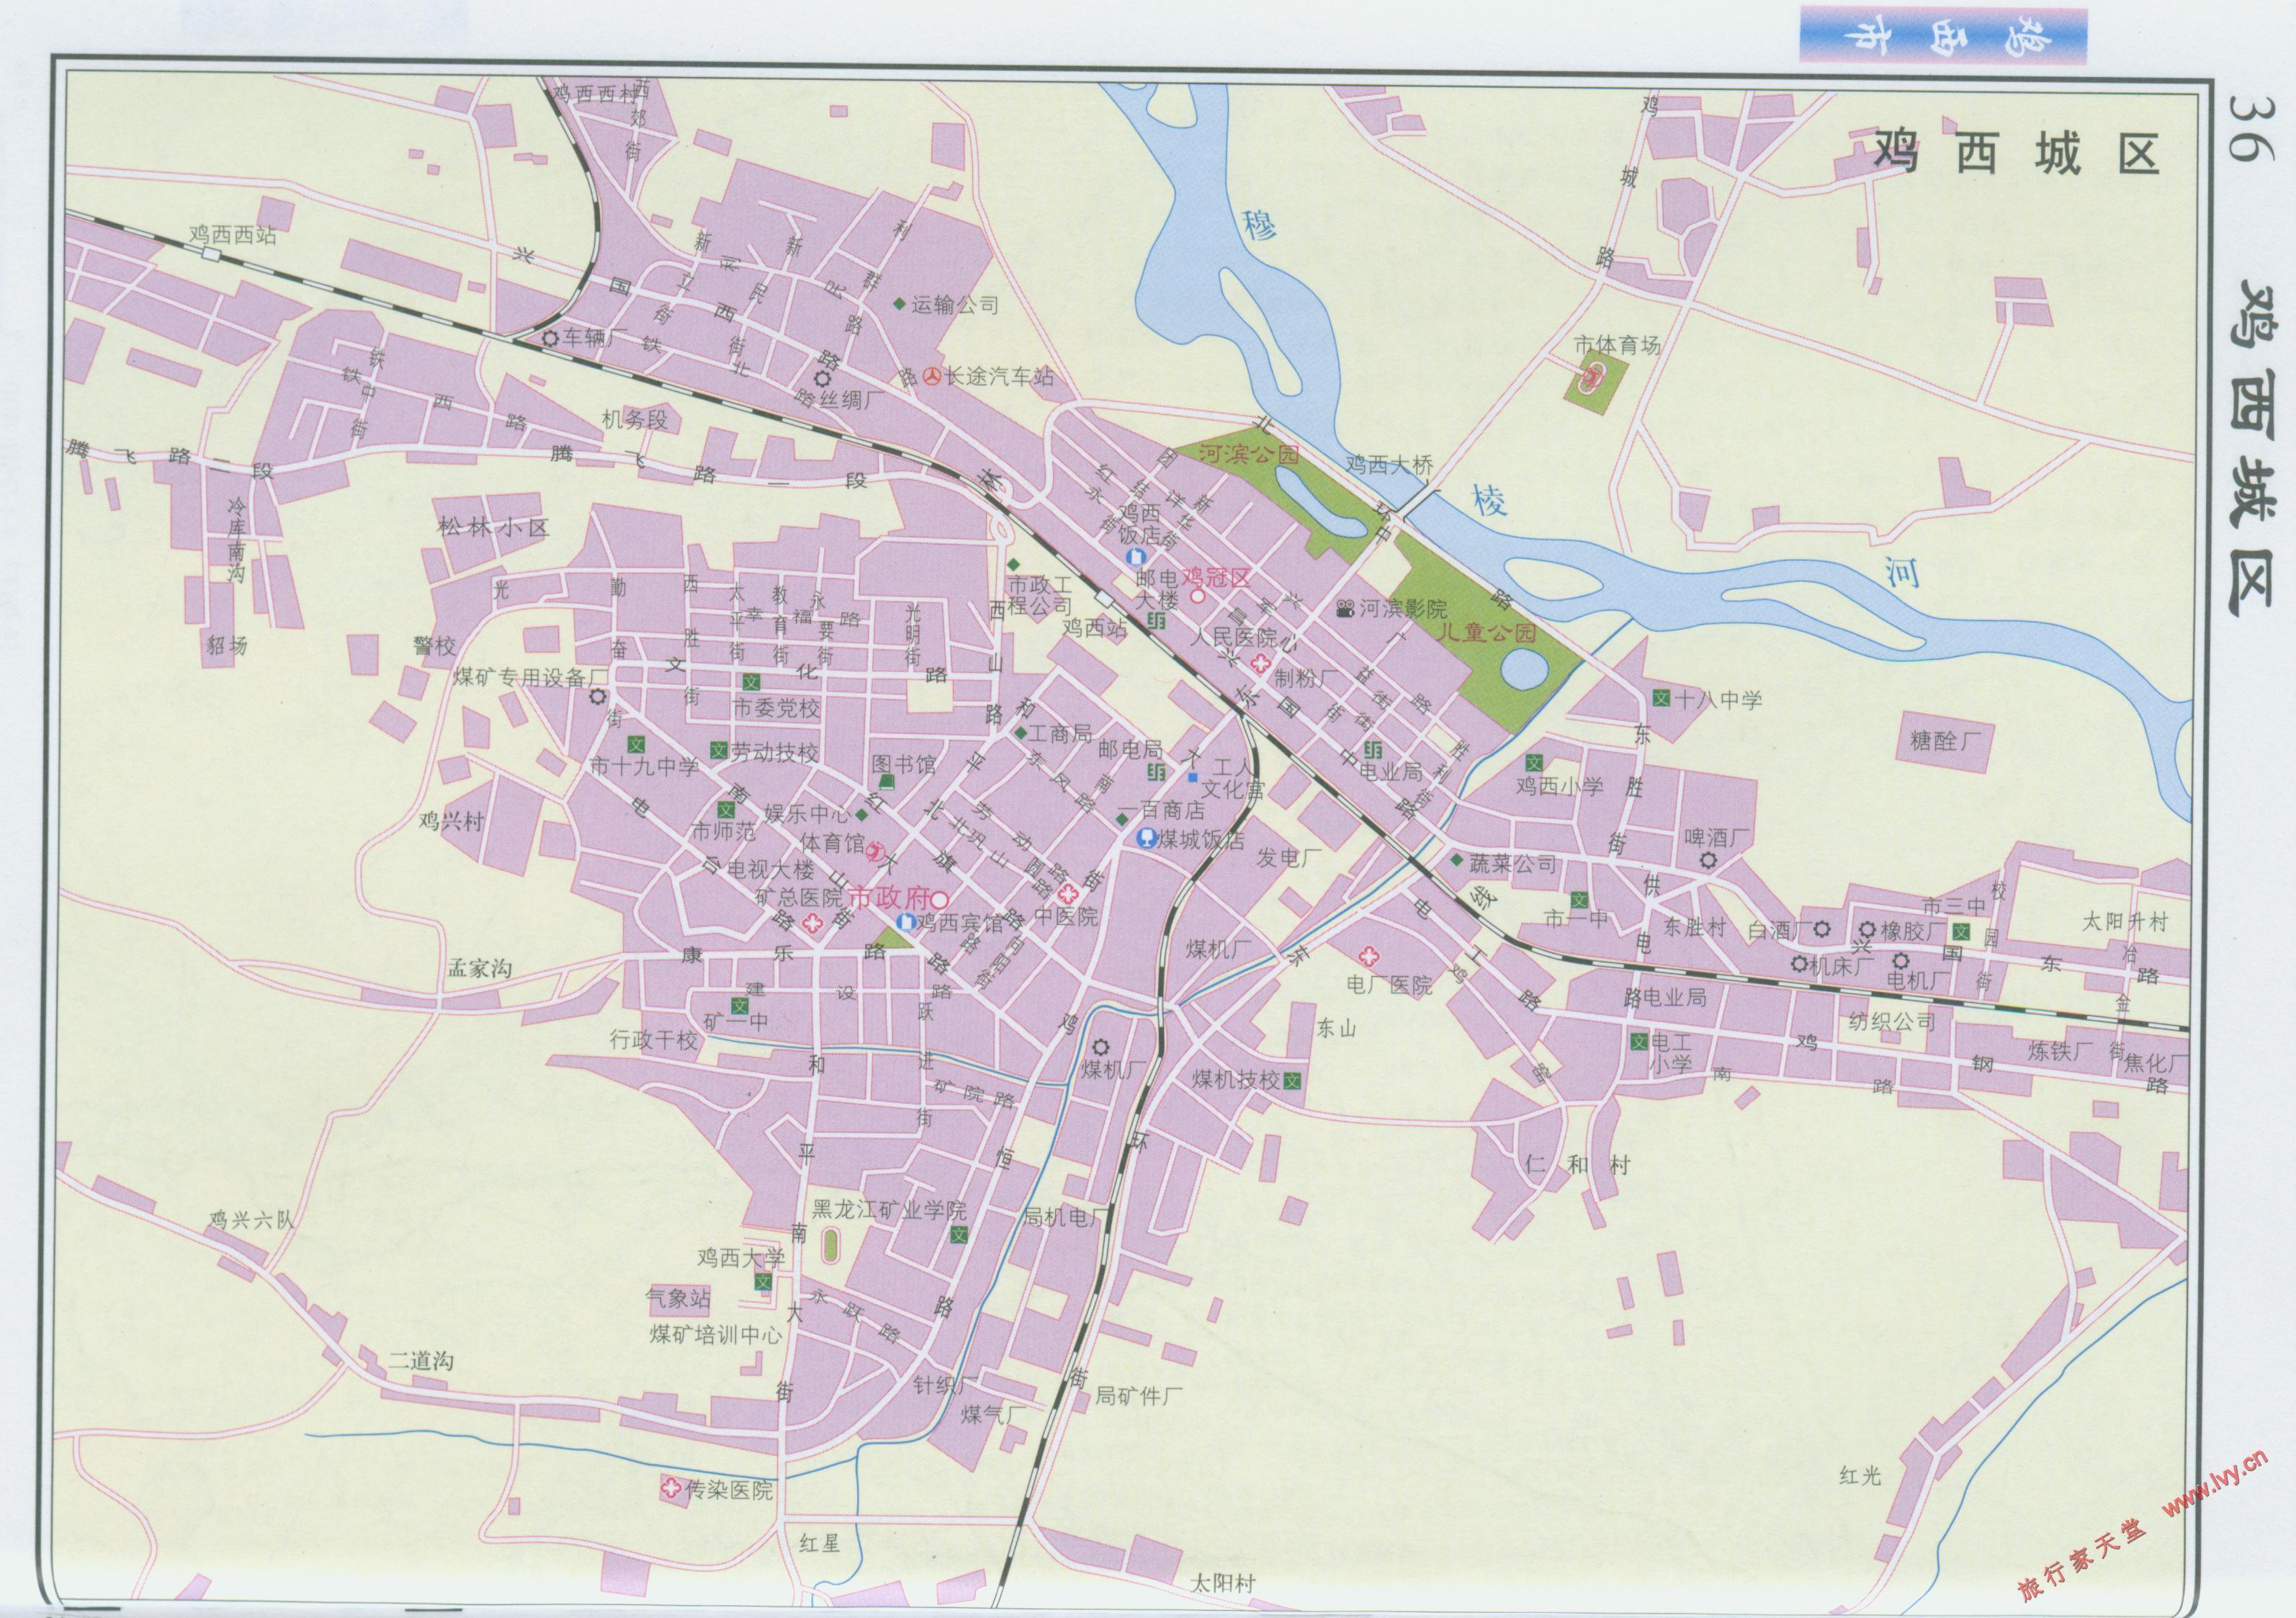 鸡西市城区地图